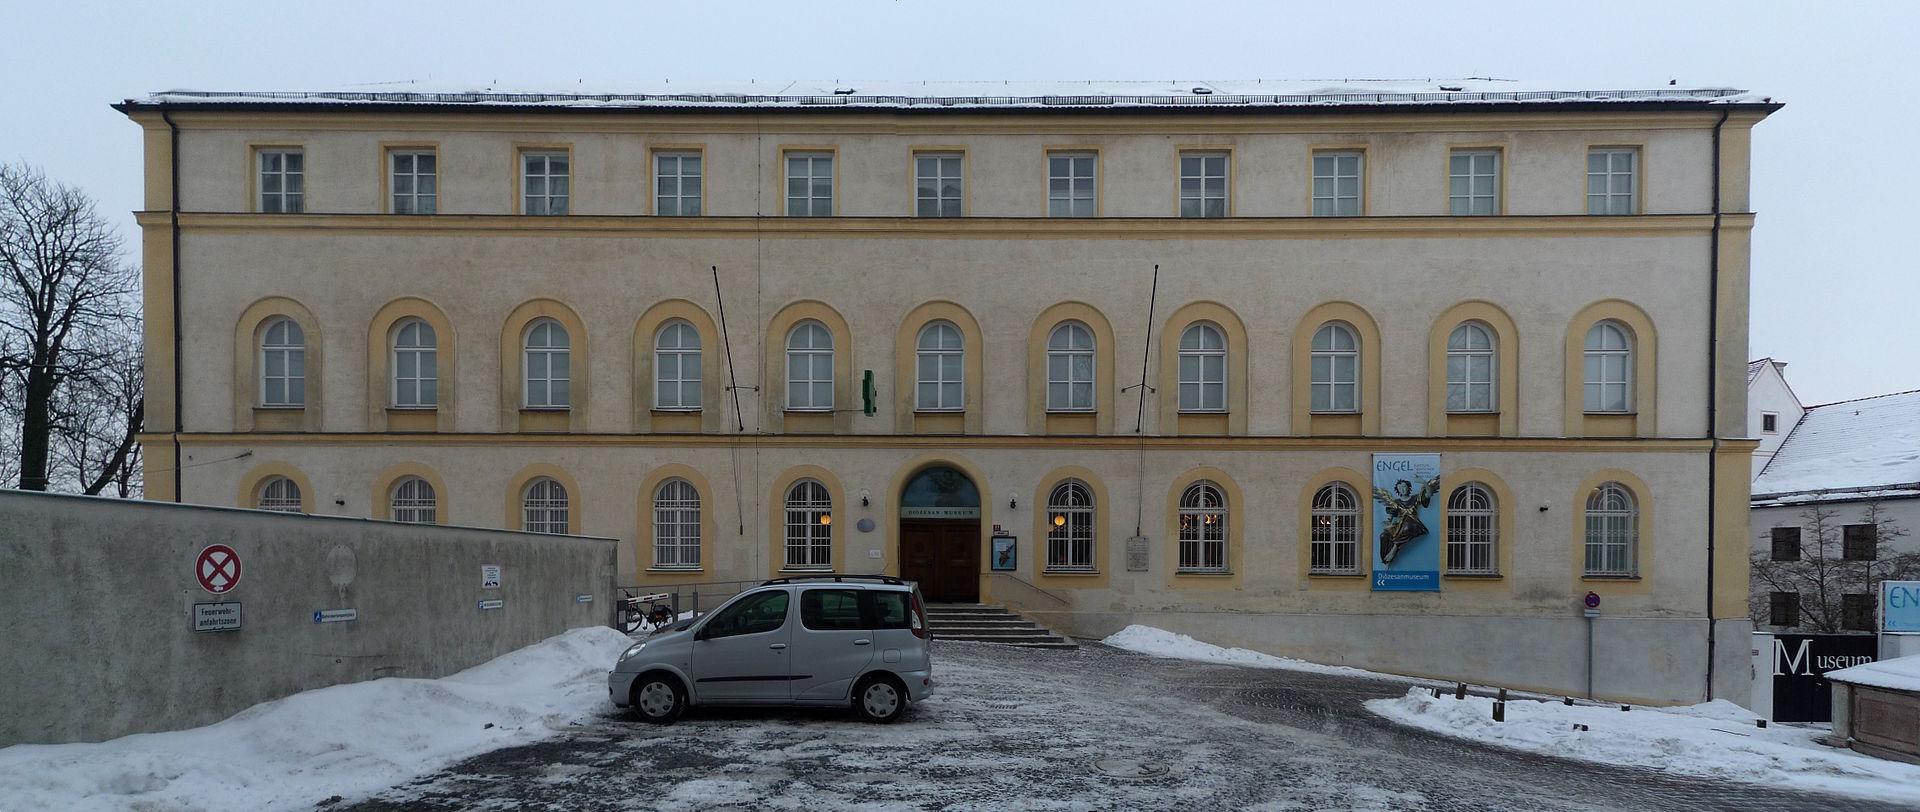 Bild Diözesanmuseum Freising